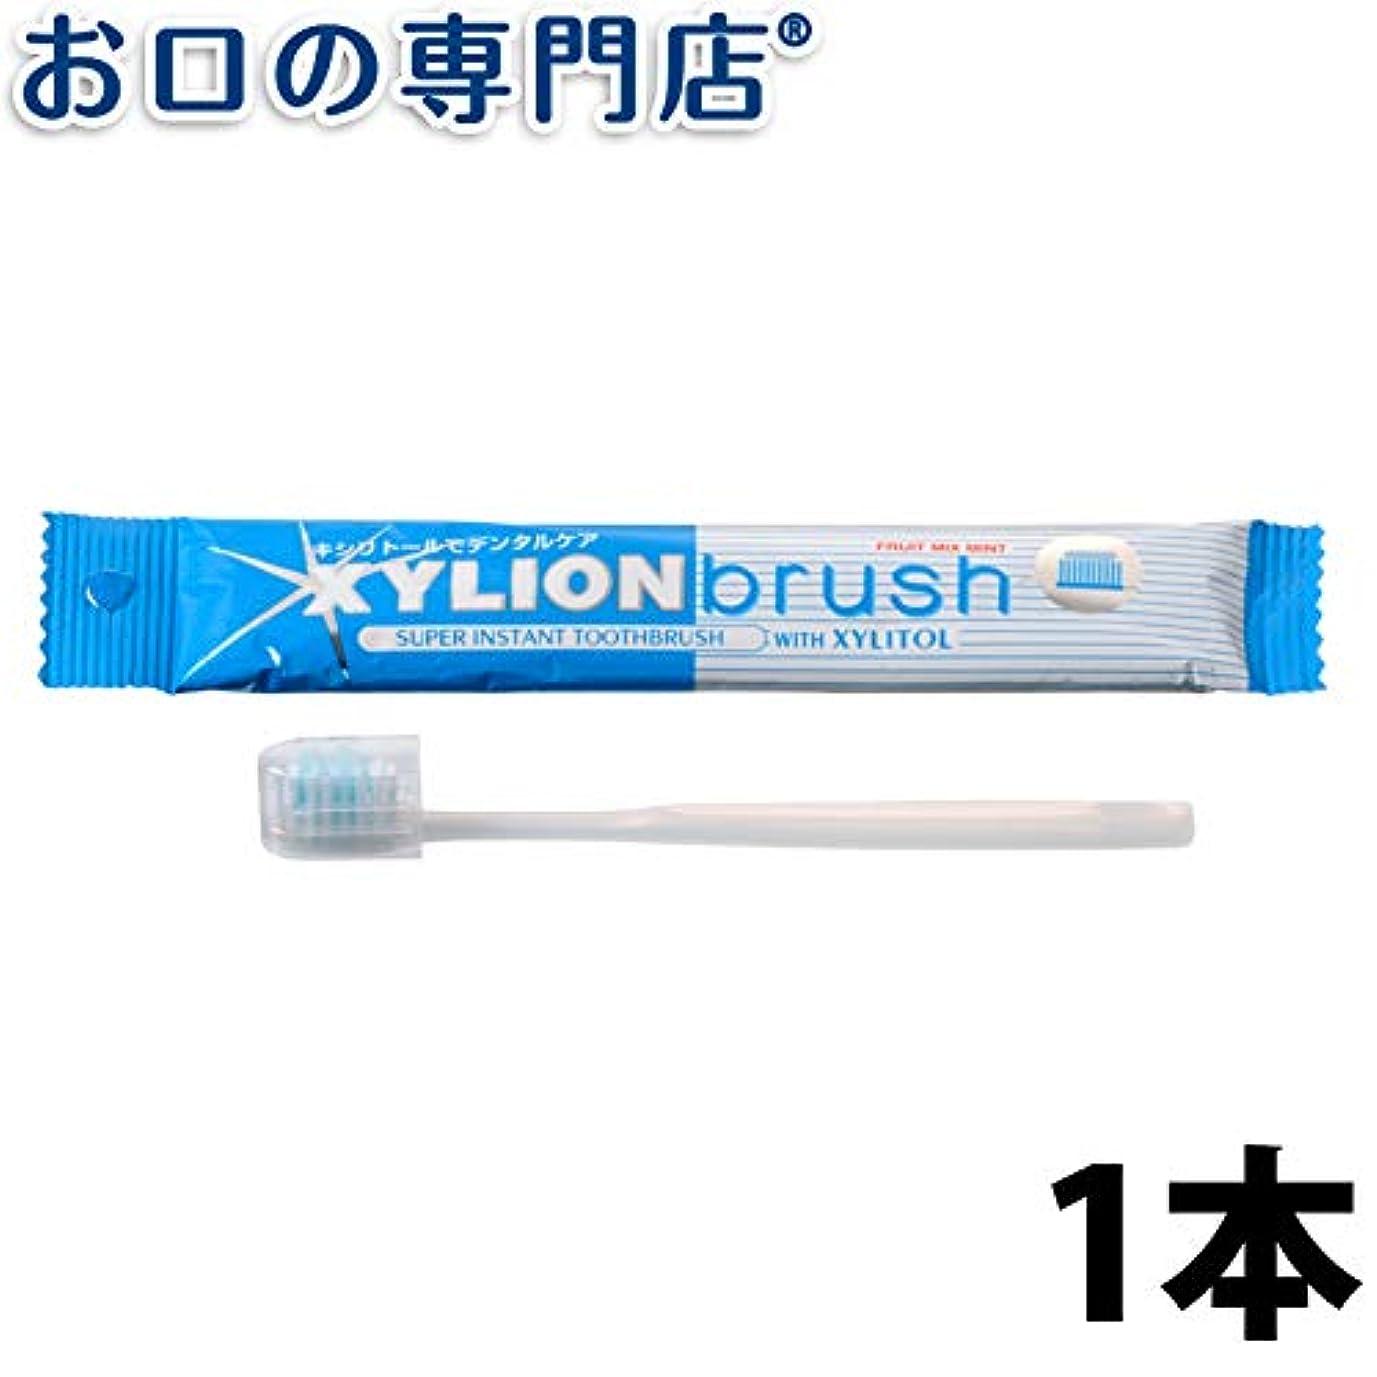 上に築きます移行限定キシリオンブラシ XYLION brush 1本